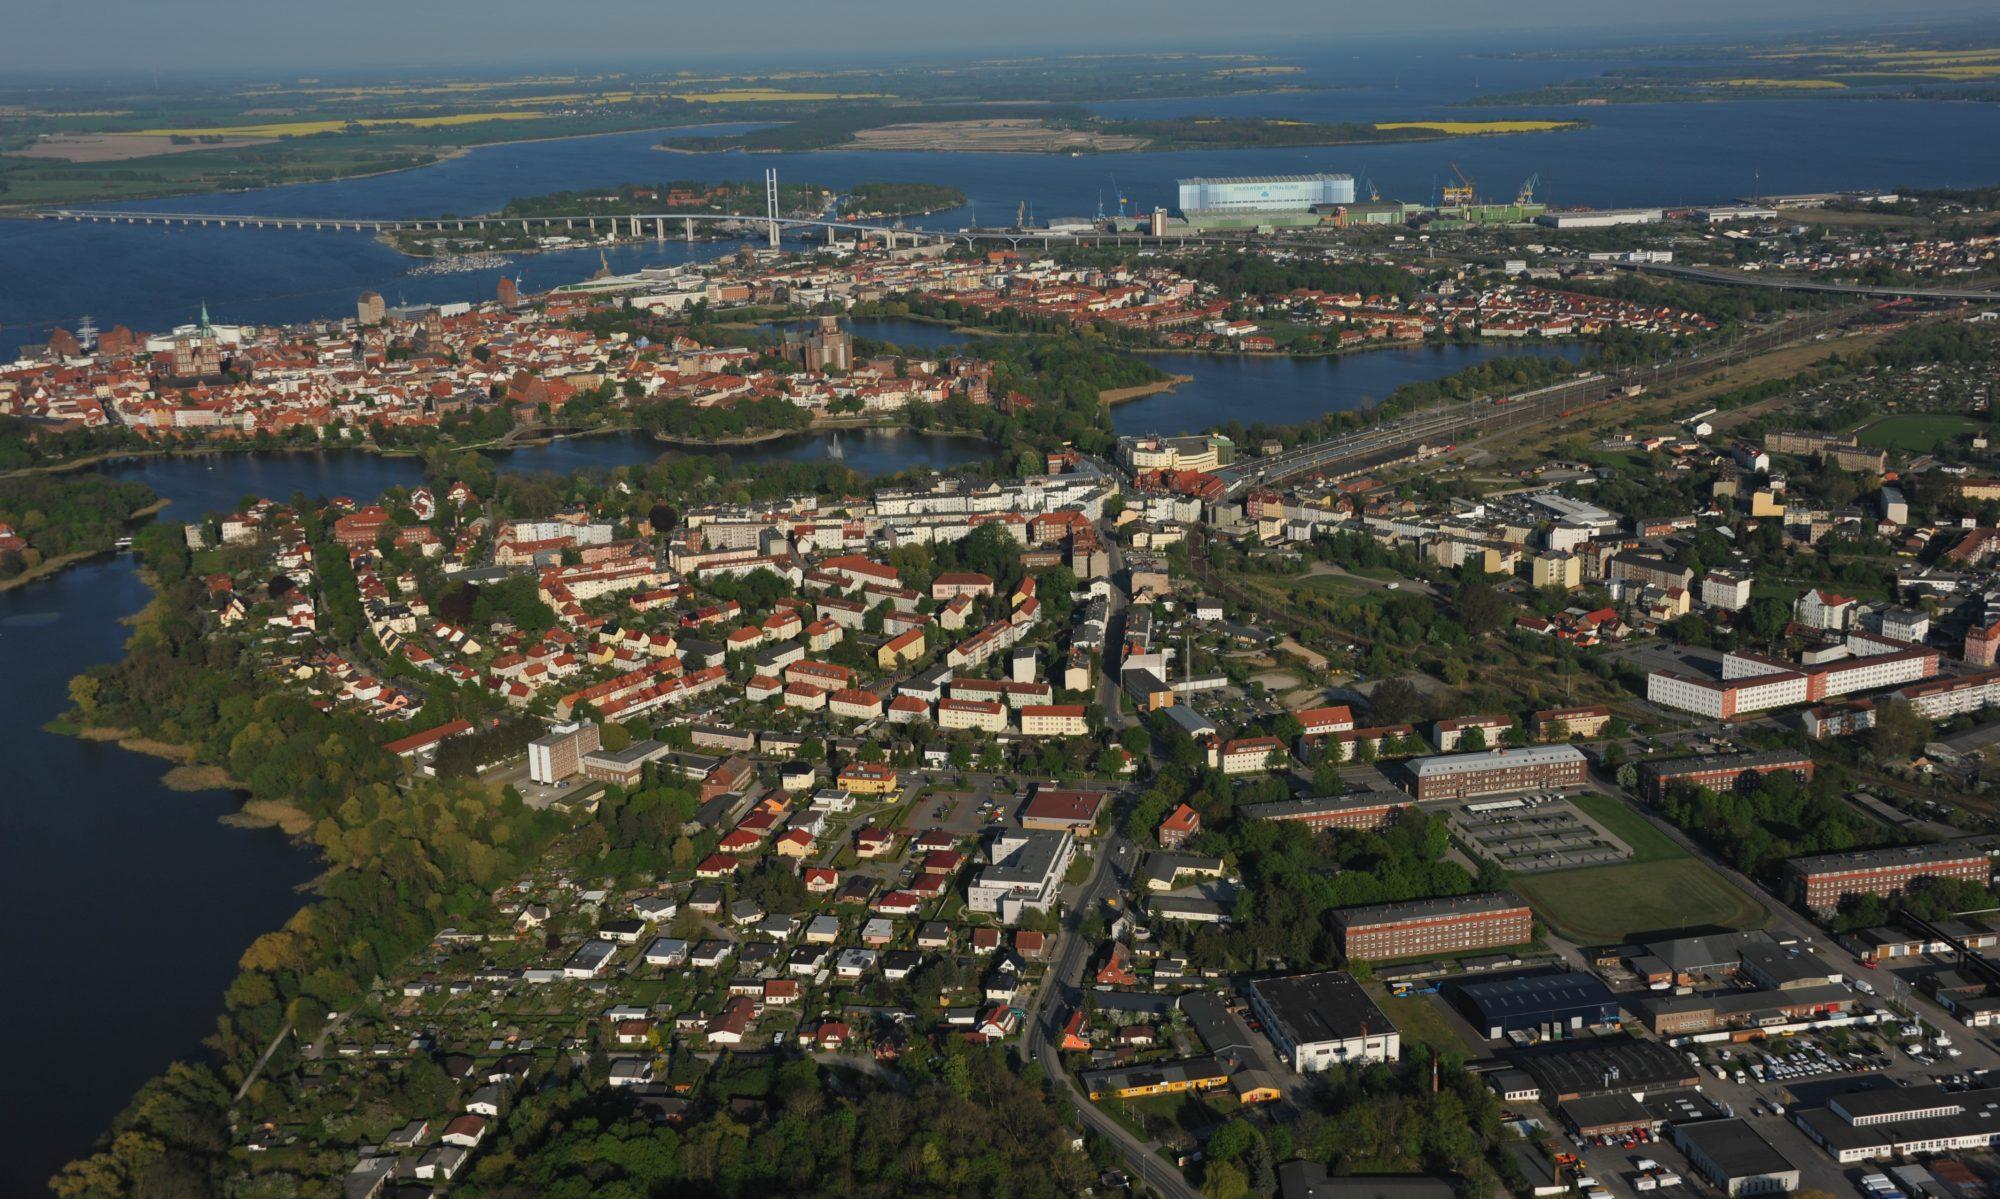 Flugplatz Stralsund